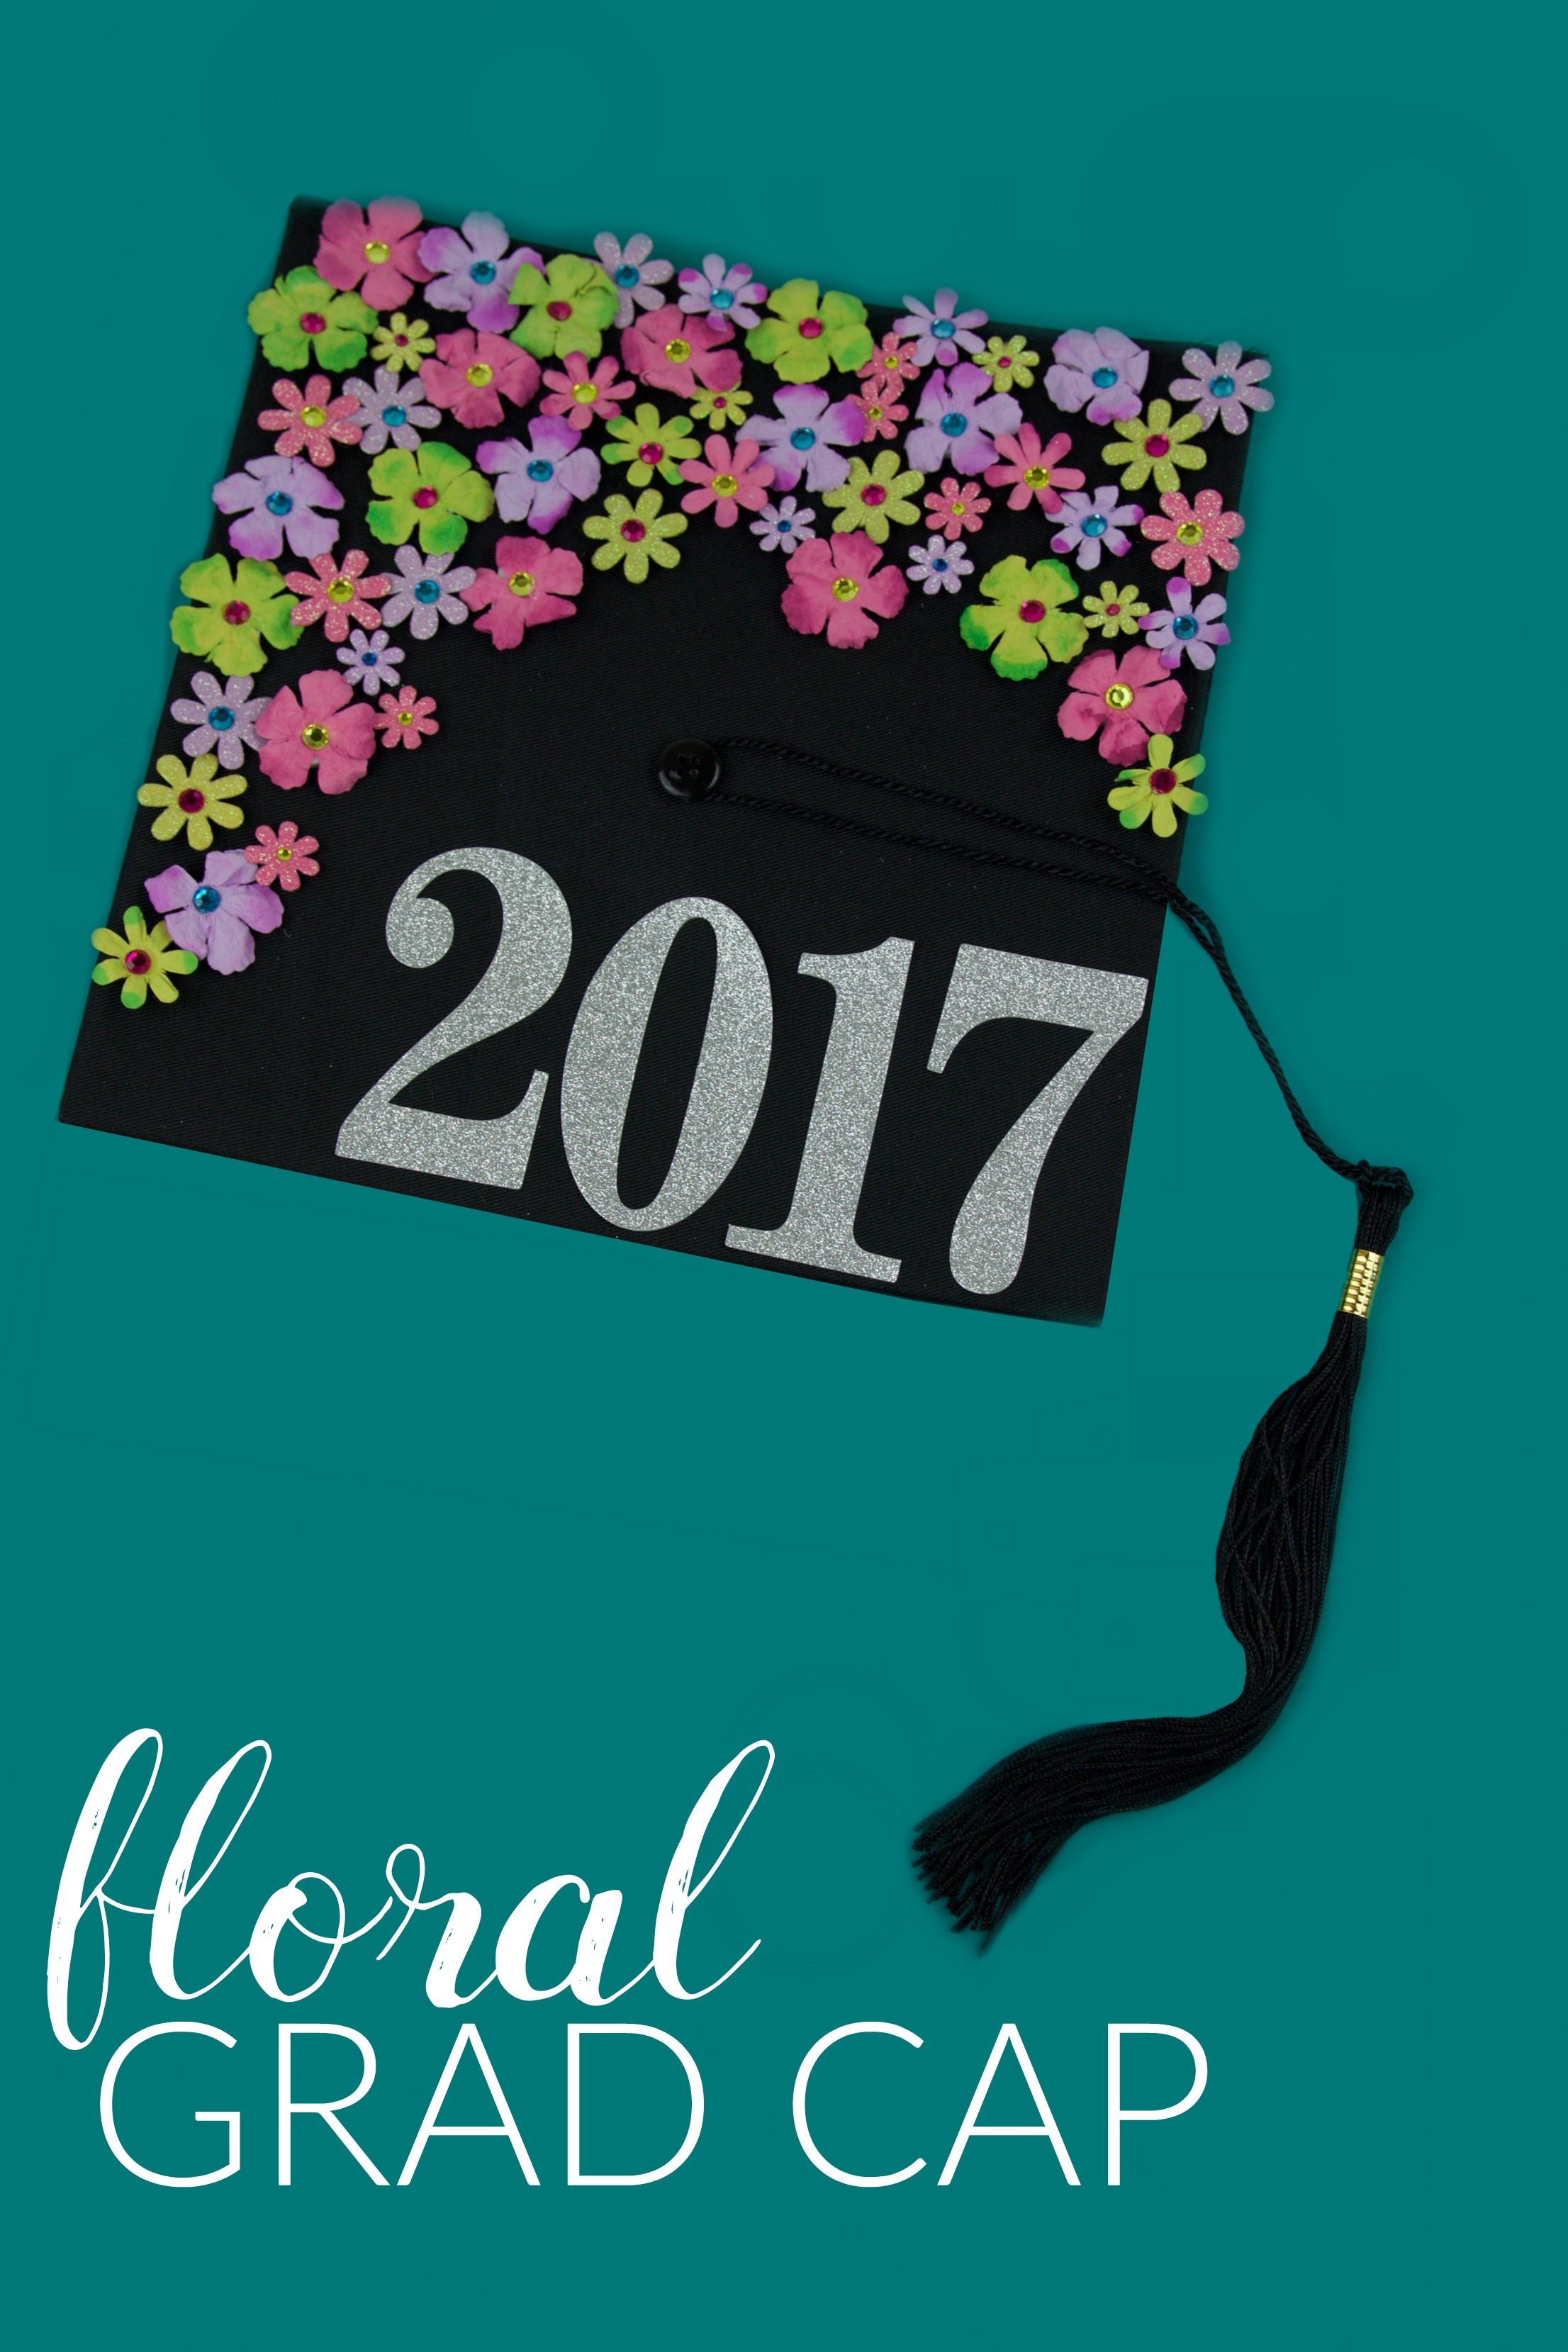 diy_floral_graduation_cap